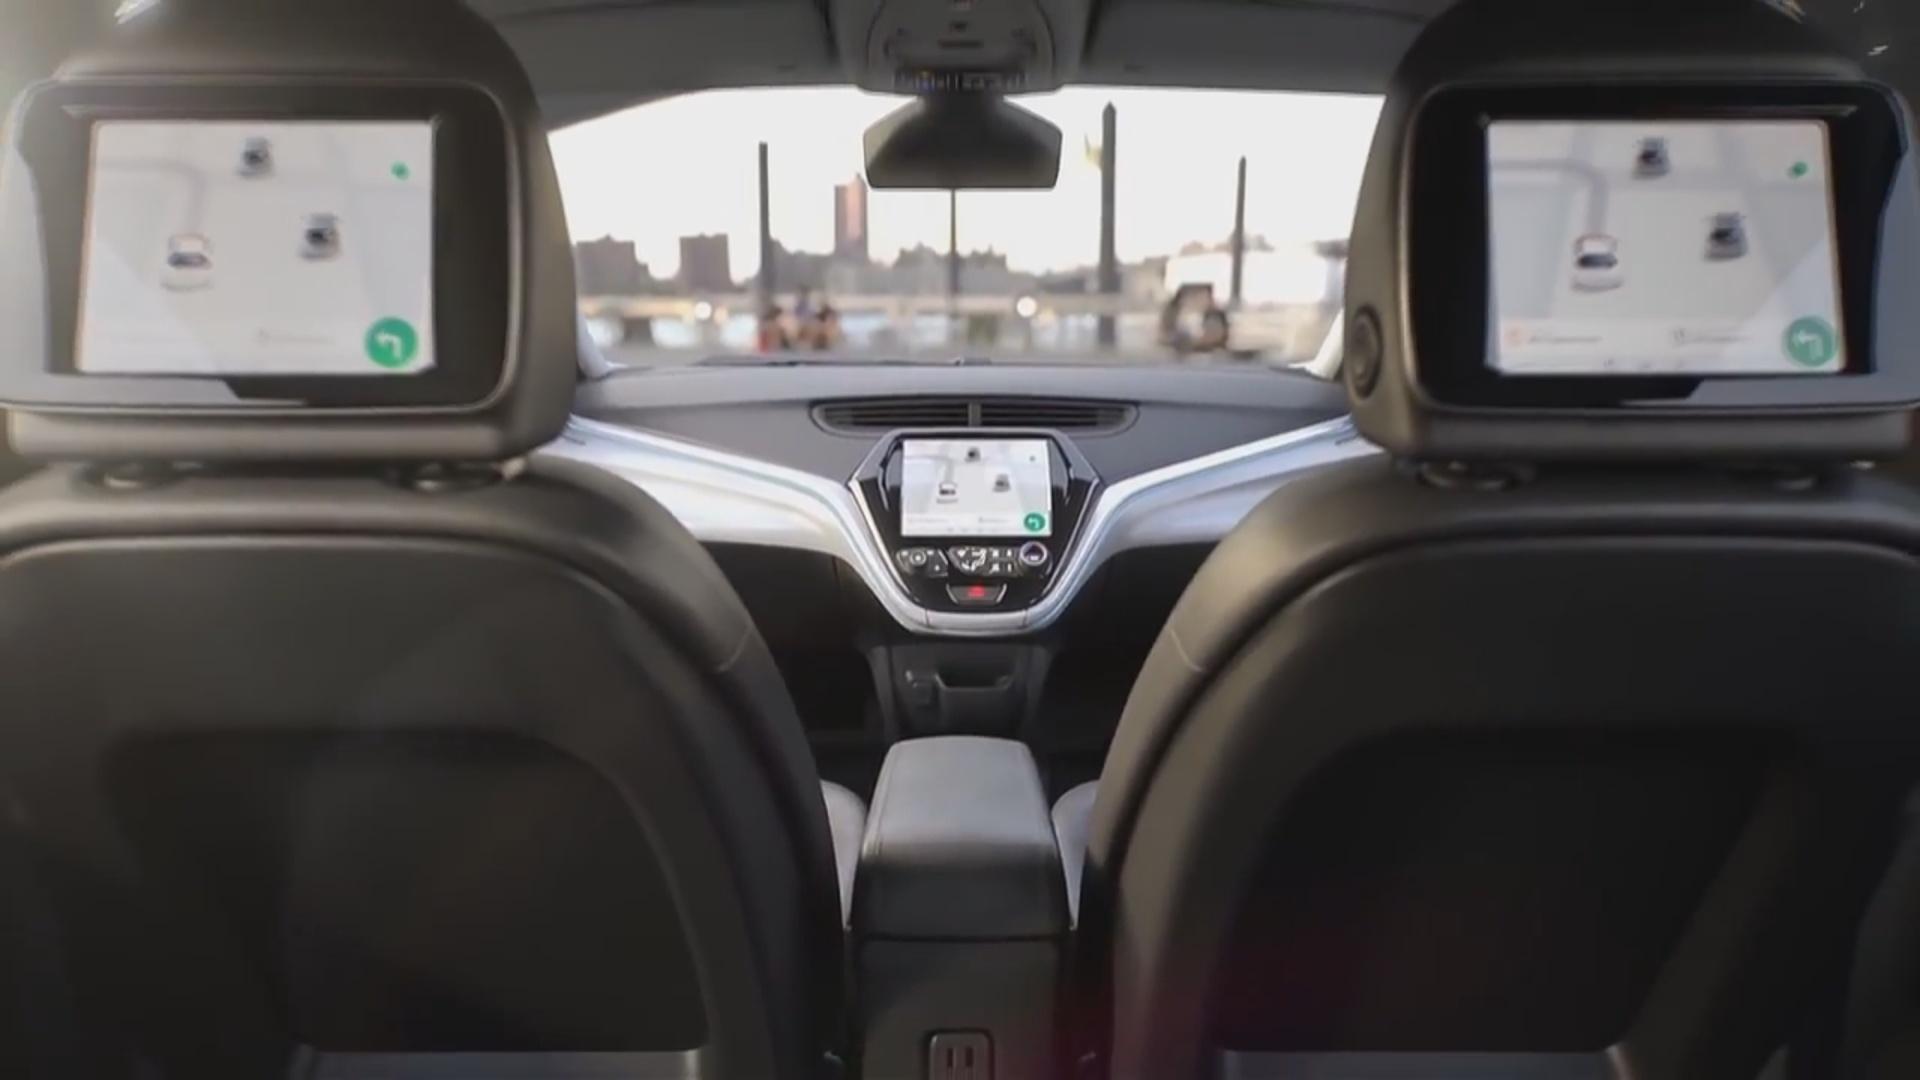 Sükansız və pedalsız avtomobilin silsilə buraxılışı planlaşdırılır